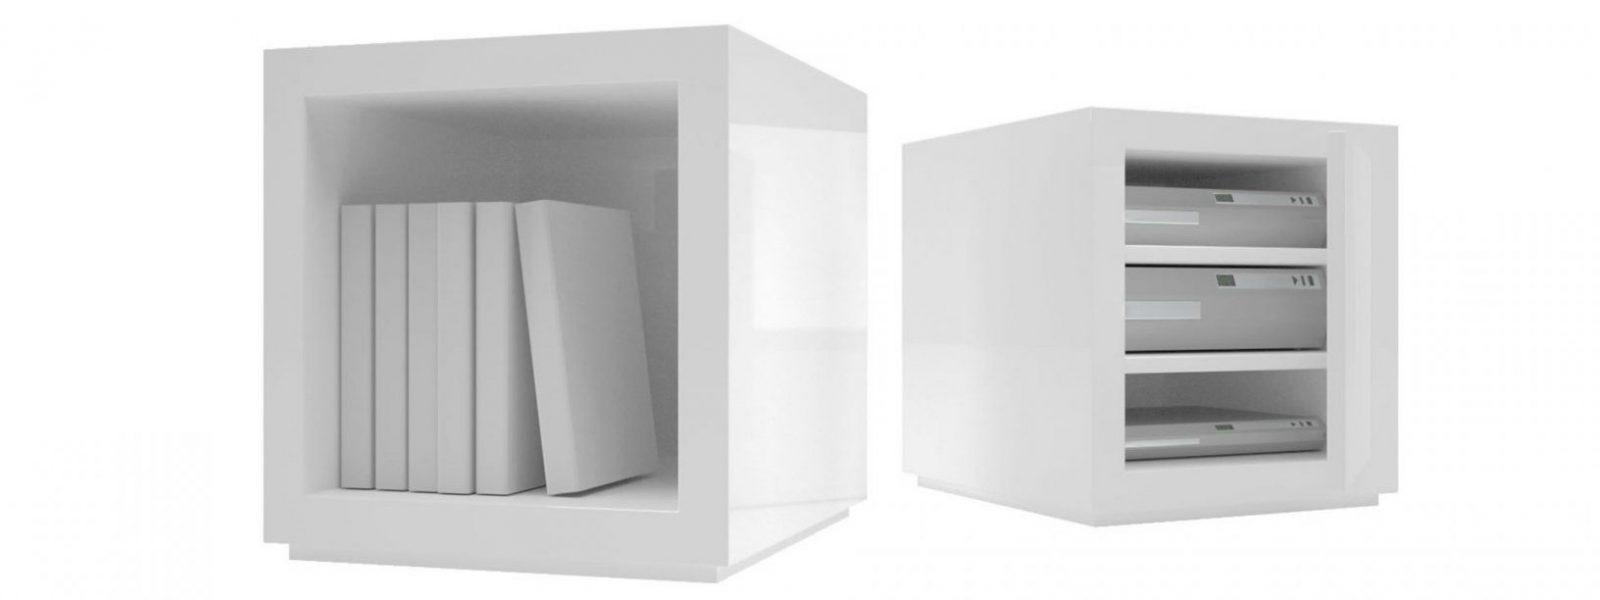 Regalsystem Lectulus – Quadratische Designwürfel Von Rechteck von Regal Mit Türen Weiß Hochglanz Bild